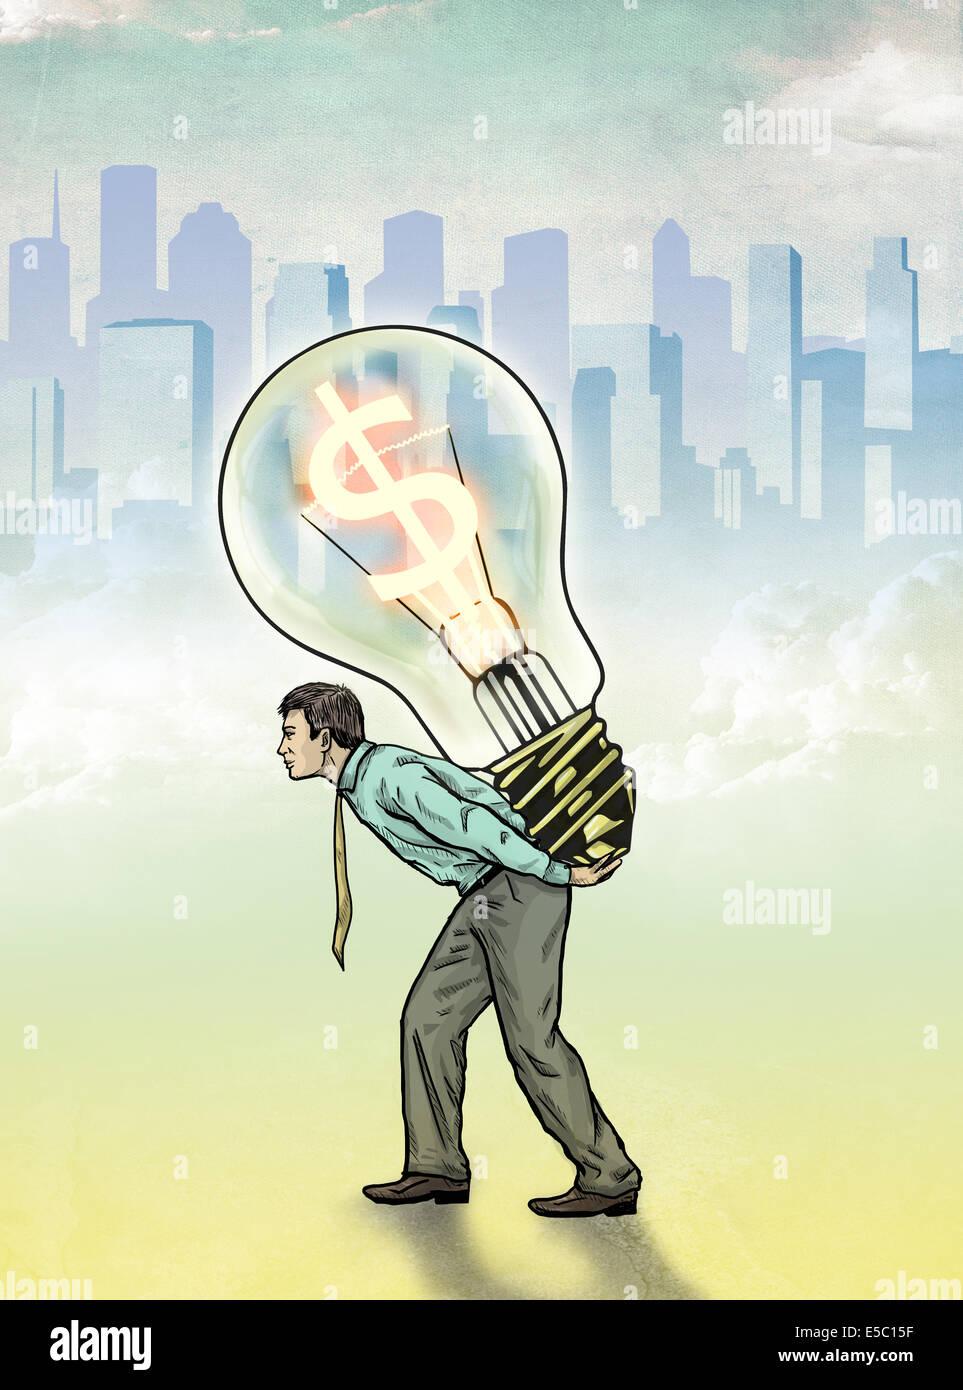 Anschaulichen Bild der Geschäftsmann mit Glühbirne mit Dollarsymbol für profit Stockbild